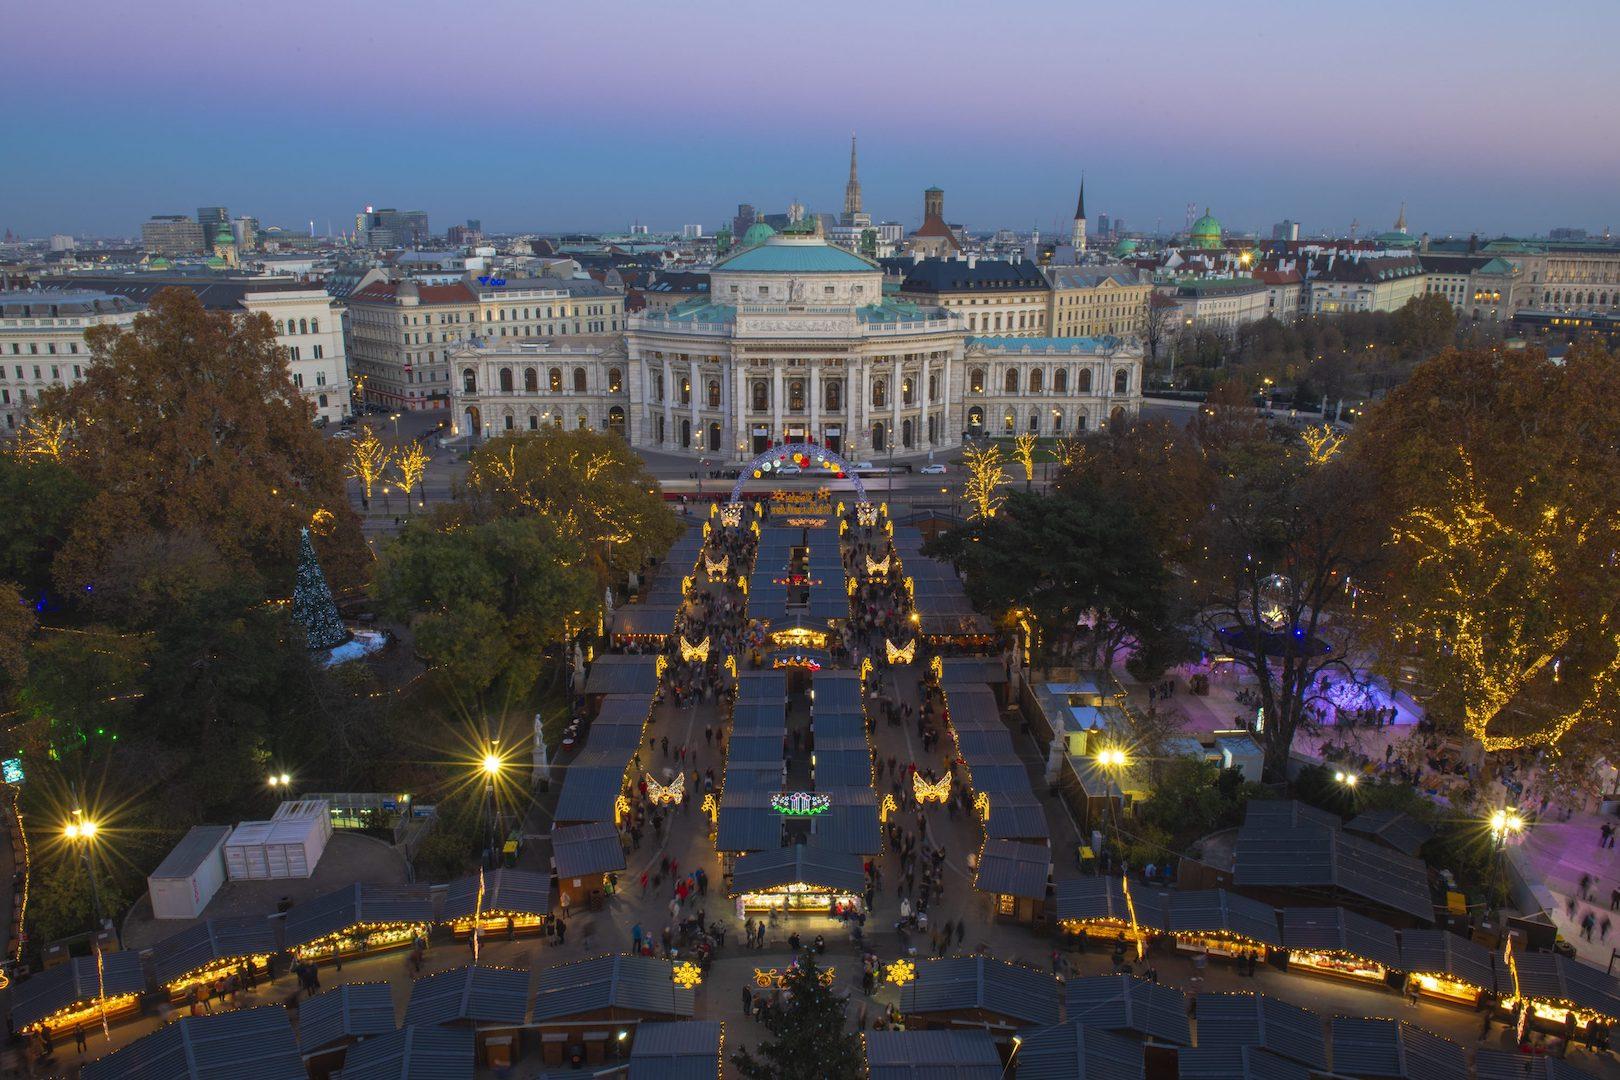 35-те най-добри града в Европа според  читателската класация на Condé Nast Traveler